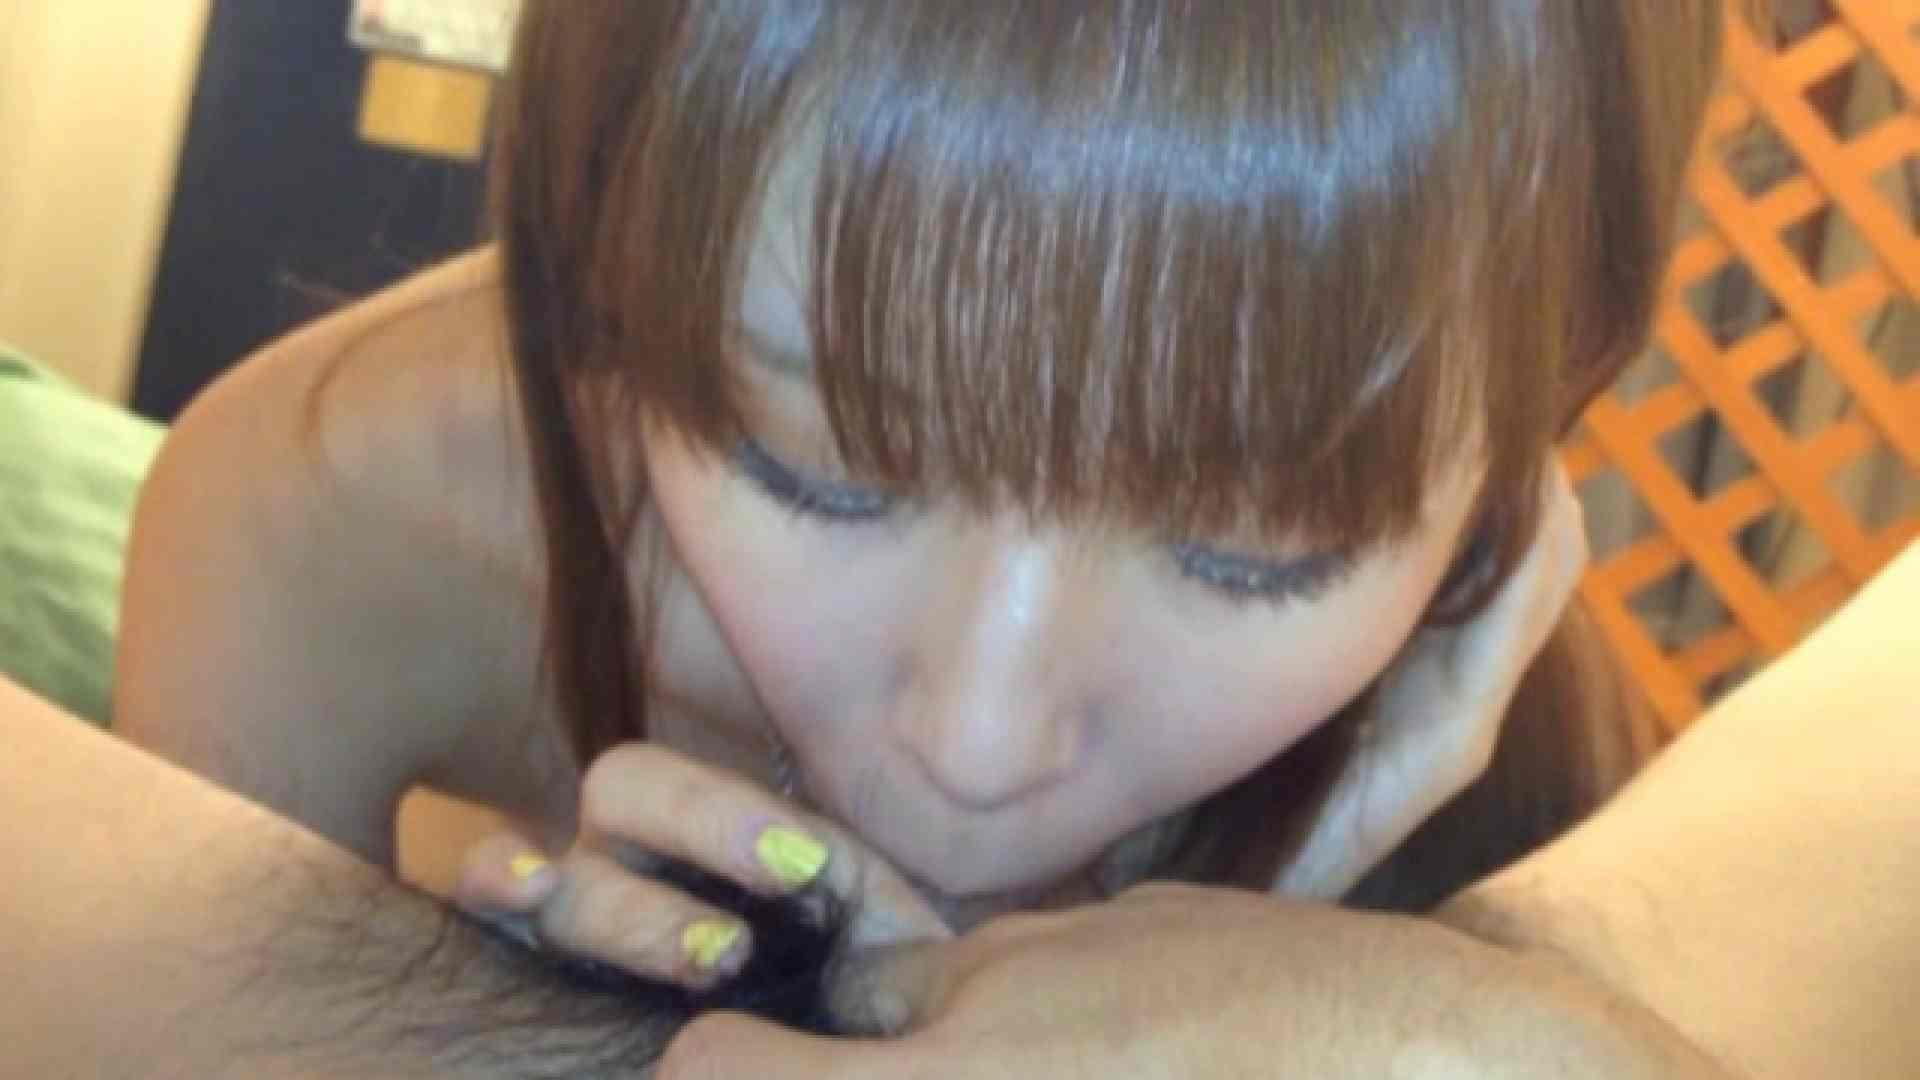 ドラゴン2世 チャラ男の個人撮影 Vol.17 超かわいい彼女 ゆいか 18才 Part.08 セックス流出映像  45連発 4